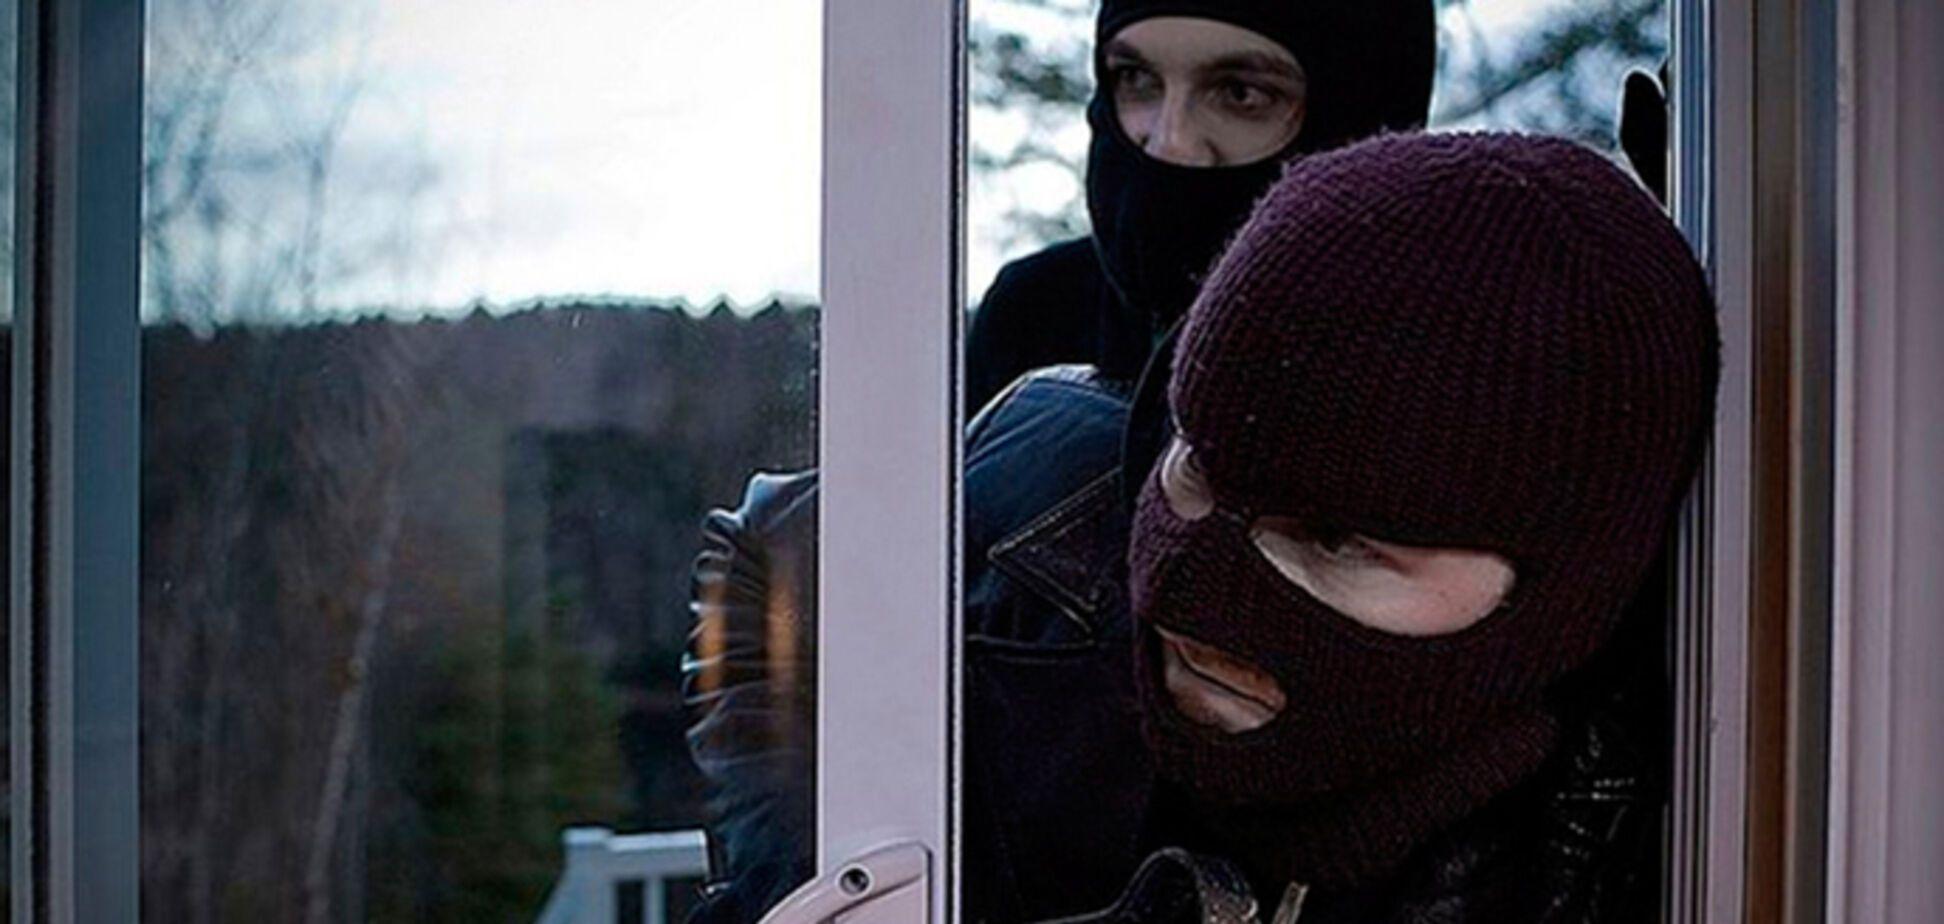 Требовали денег: в Днепре мужчины в масках ворвались в дом и избили хозяев